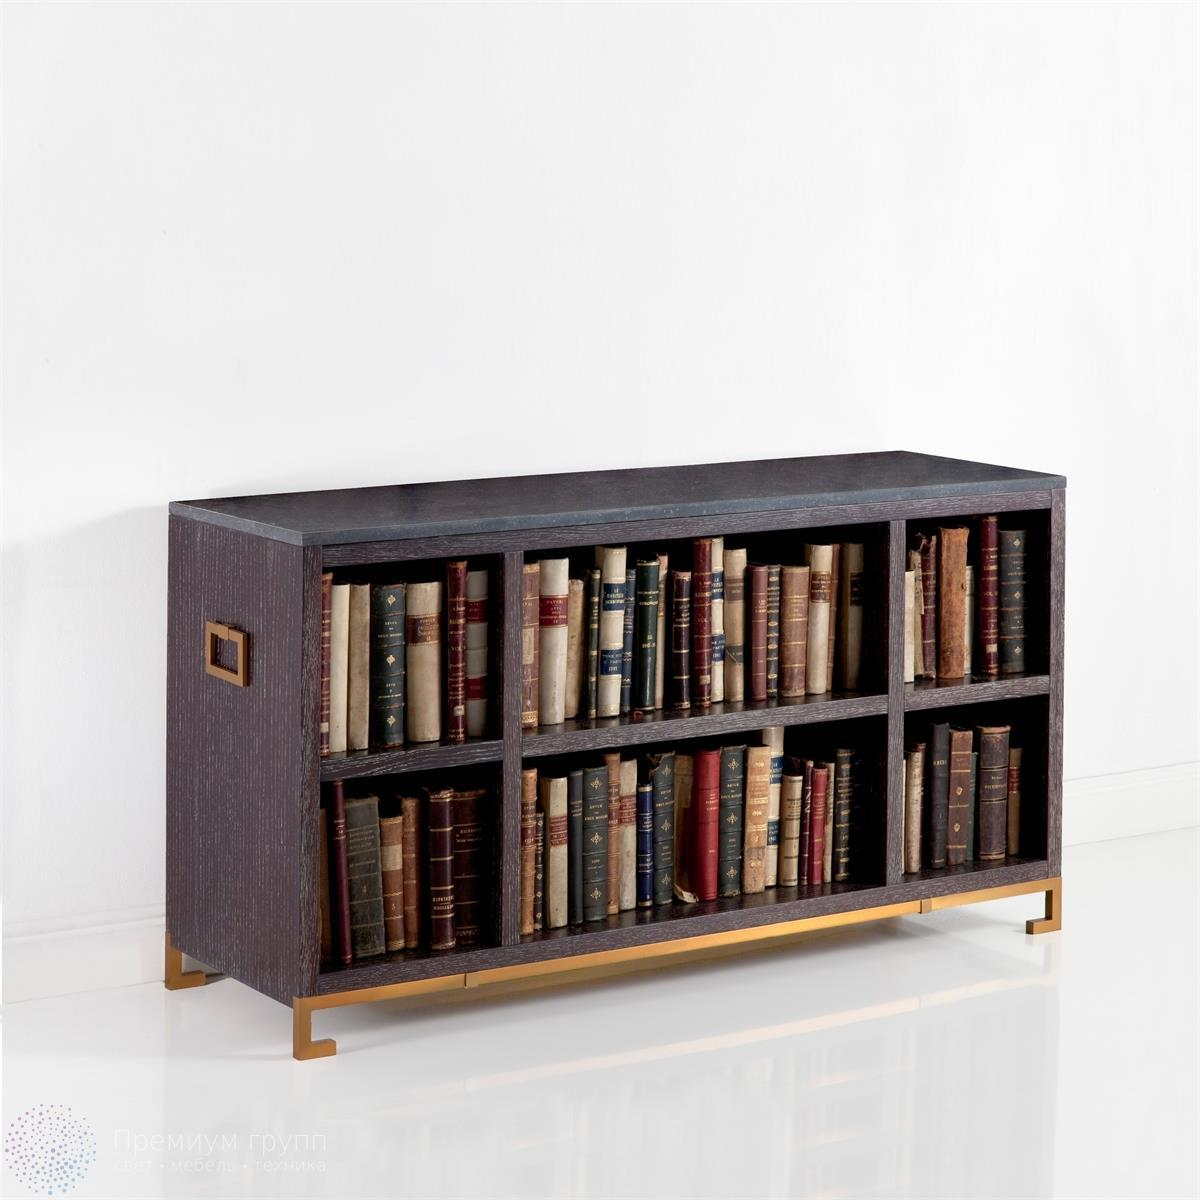 Книжный шкаф chelini fcbo 5027 купить предметы интерьера ита.